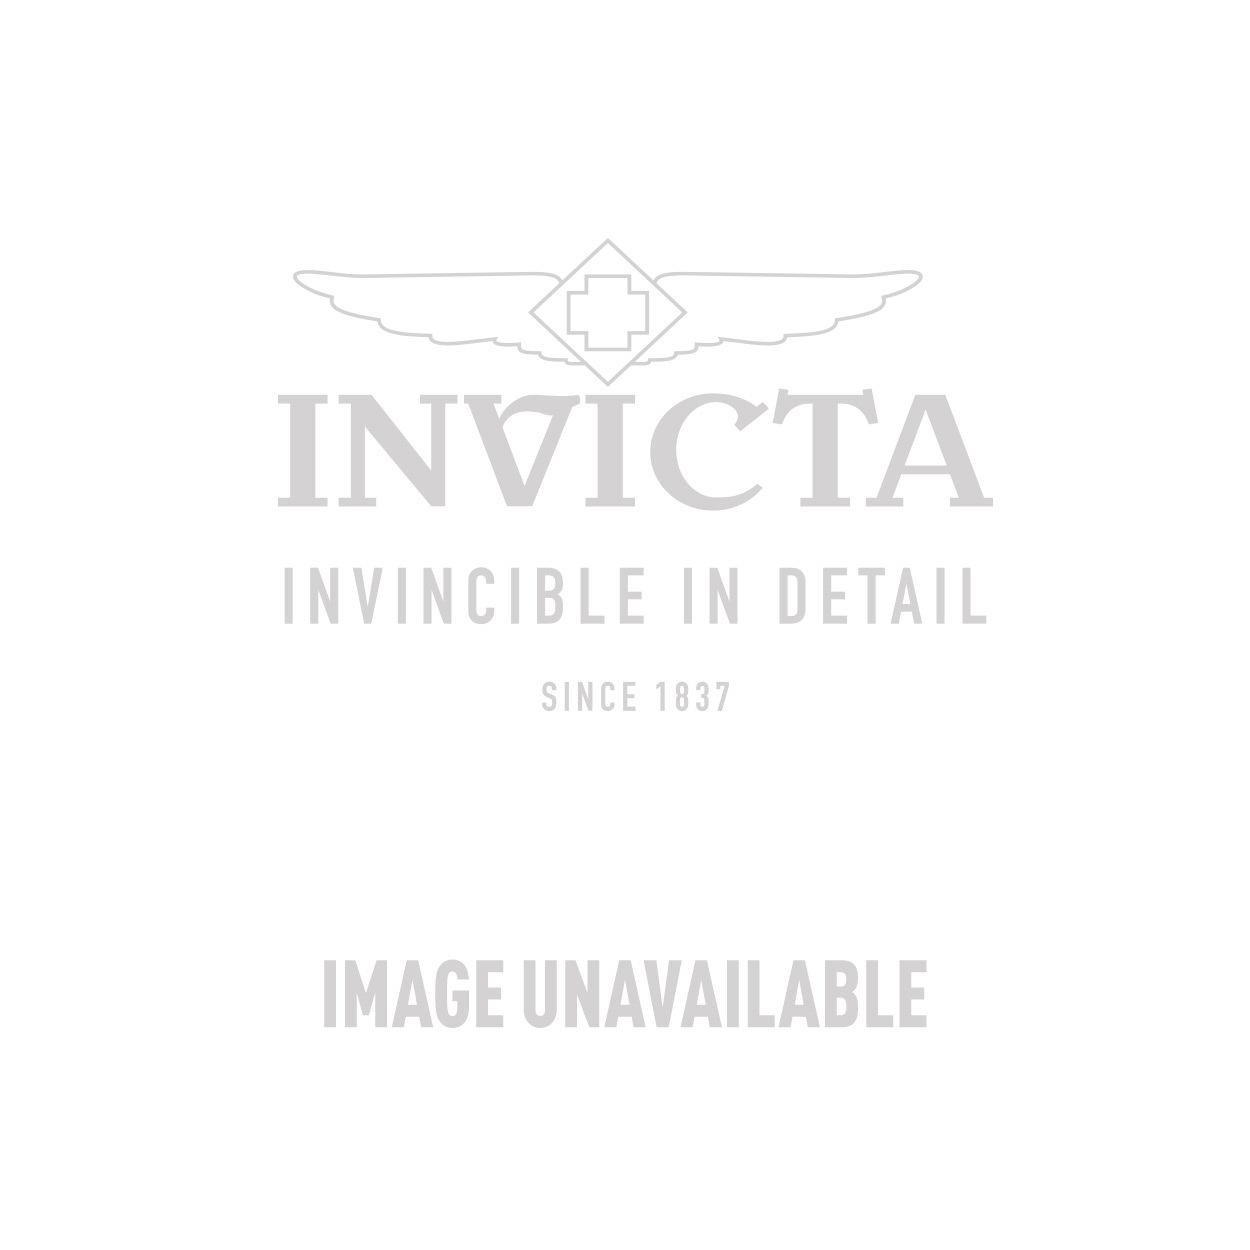 Invicta Model 25830